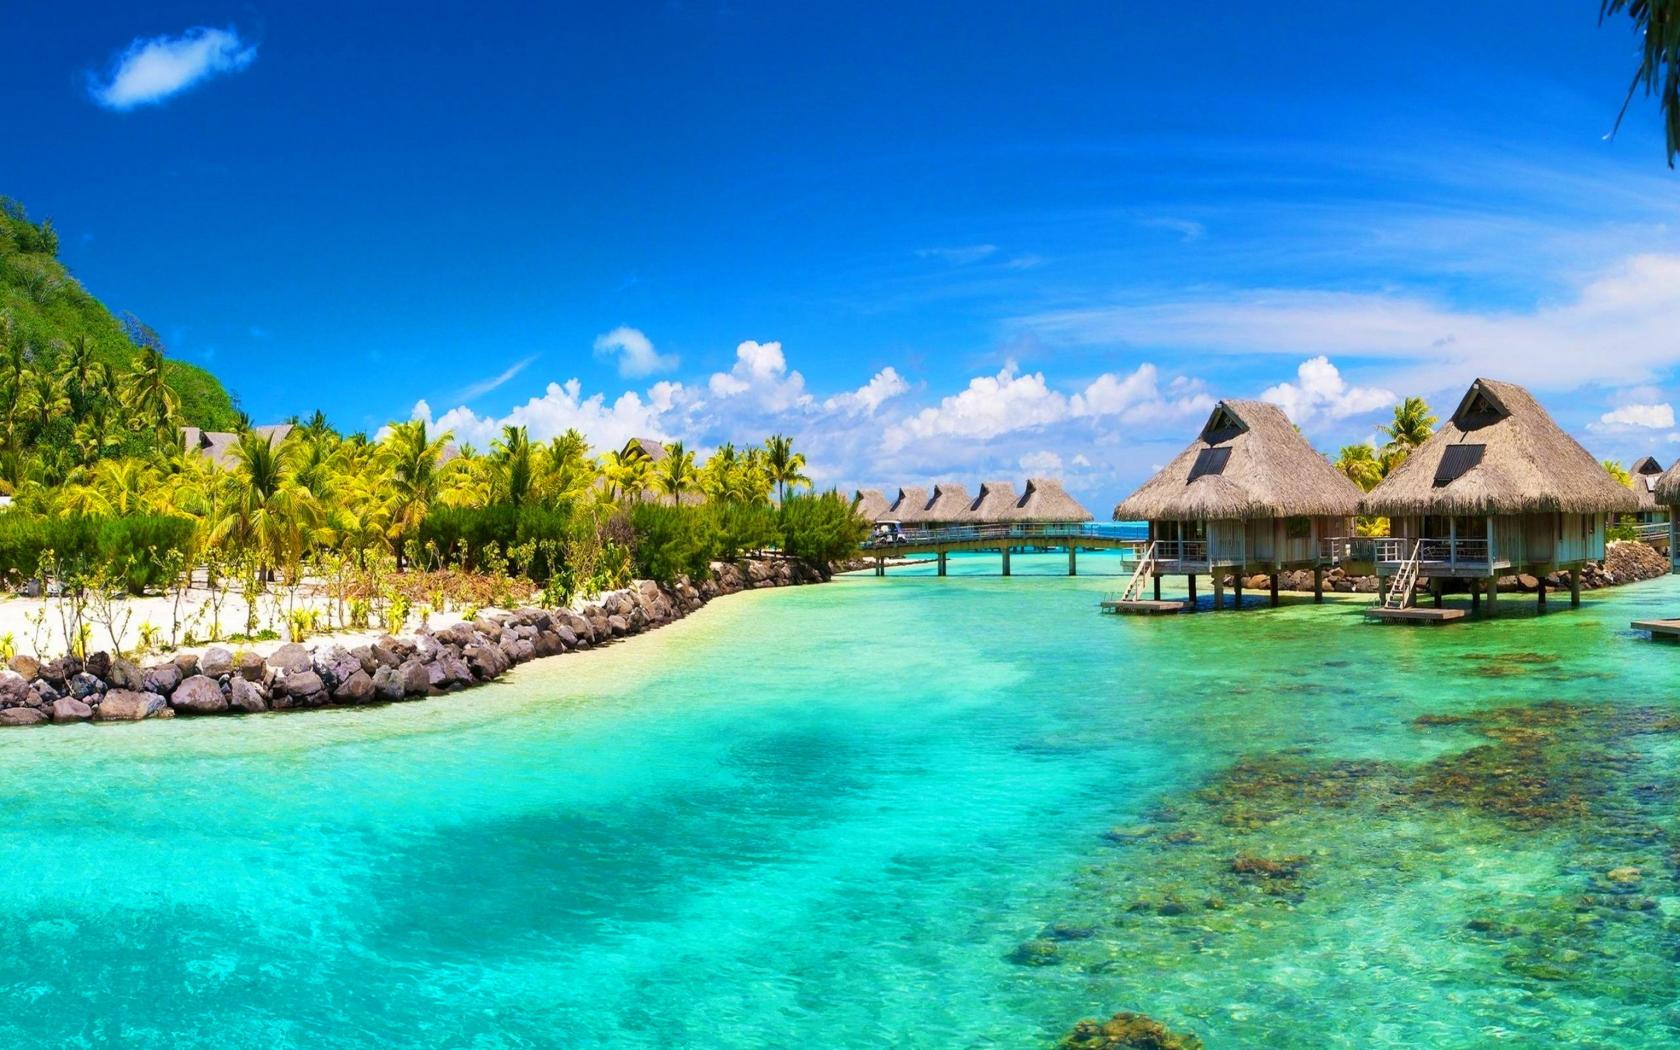 райские острова картинки смотреть вас очень интересная